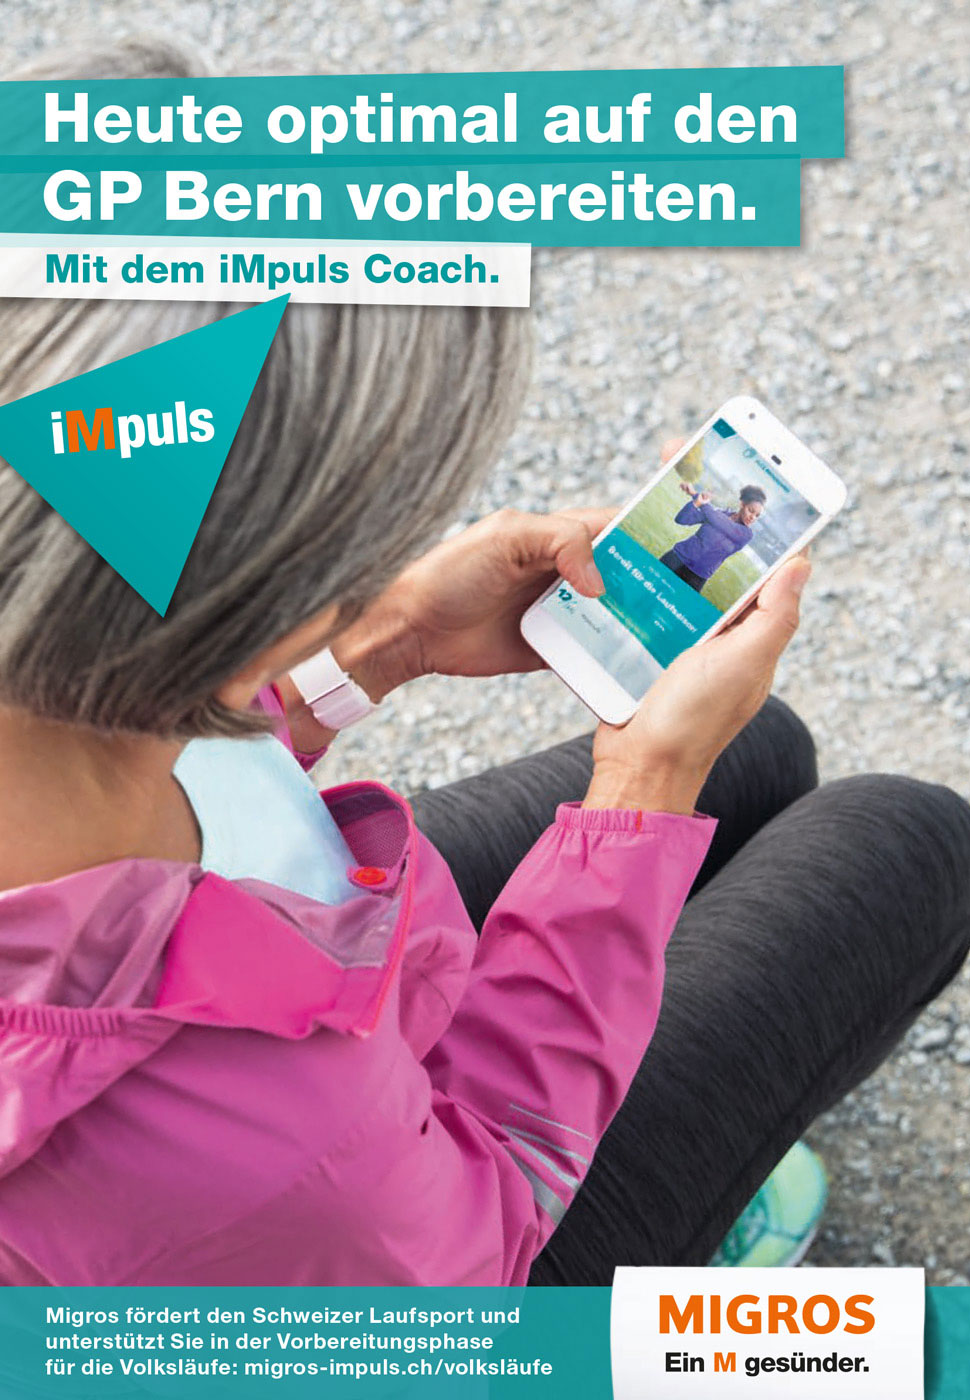 2019-02-08_impuls_sport-06.jpg